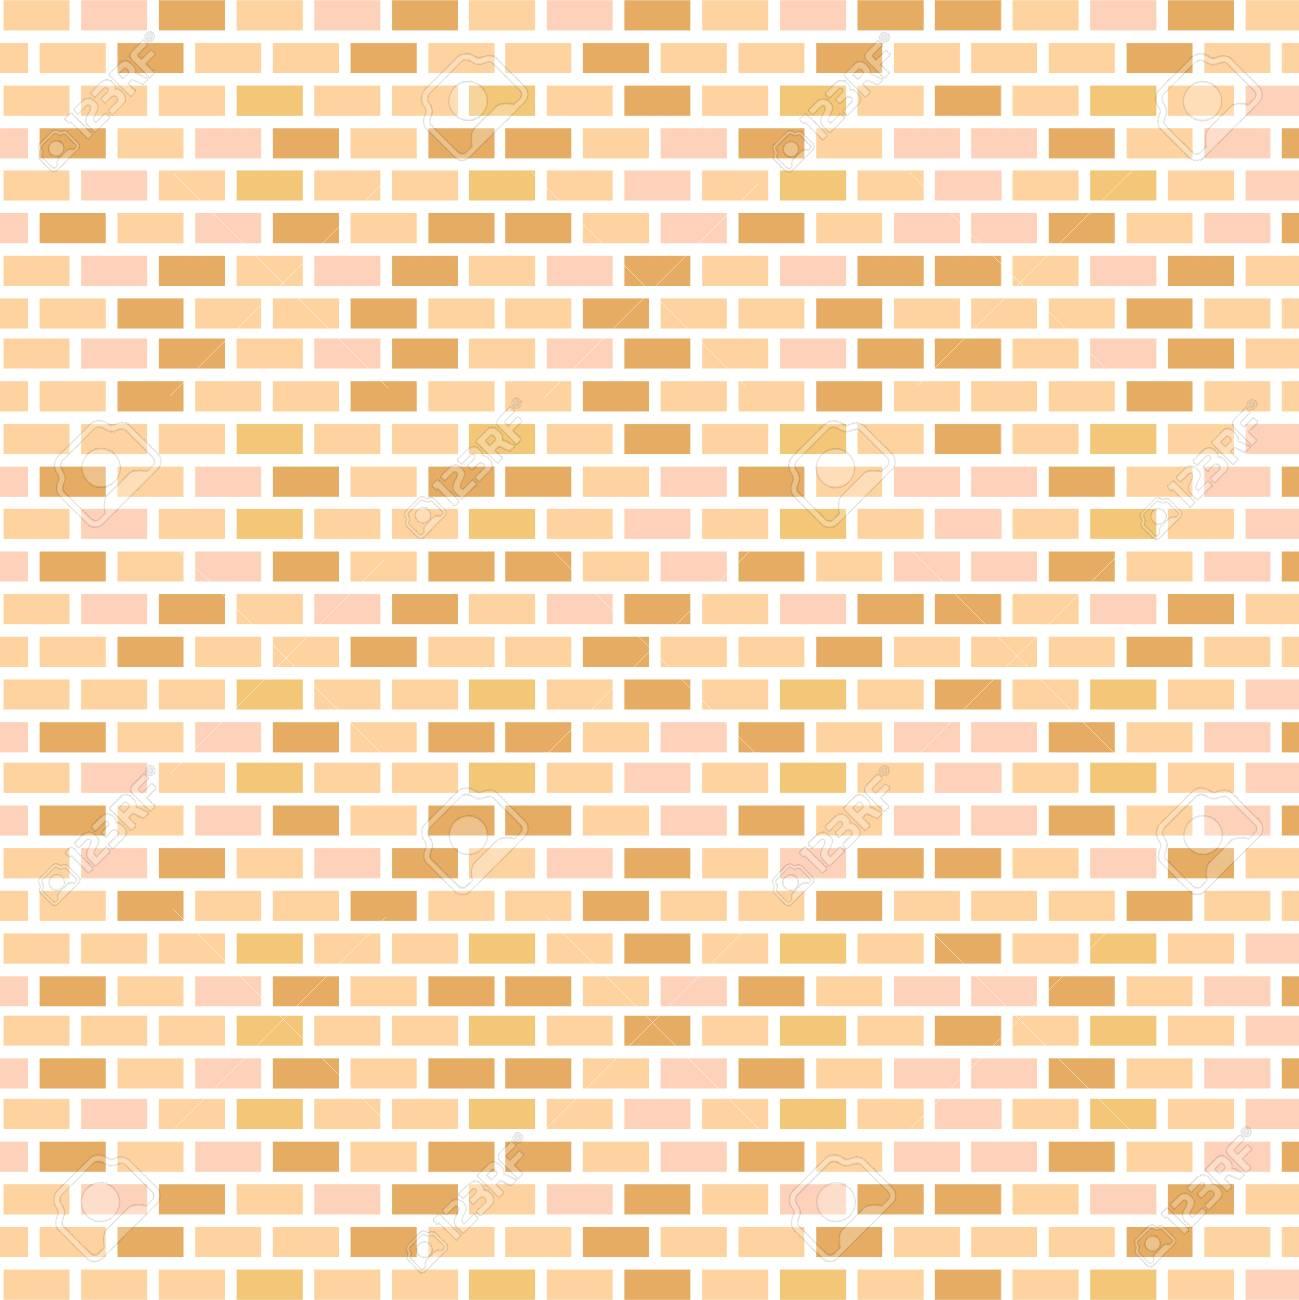 Funky Clip Art Brick Wall Photo - Art & Wall Decor - hecatalog.info